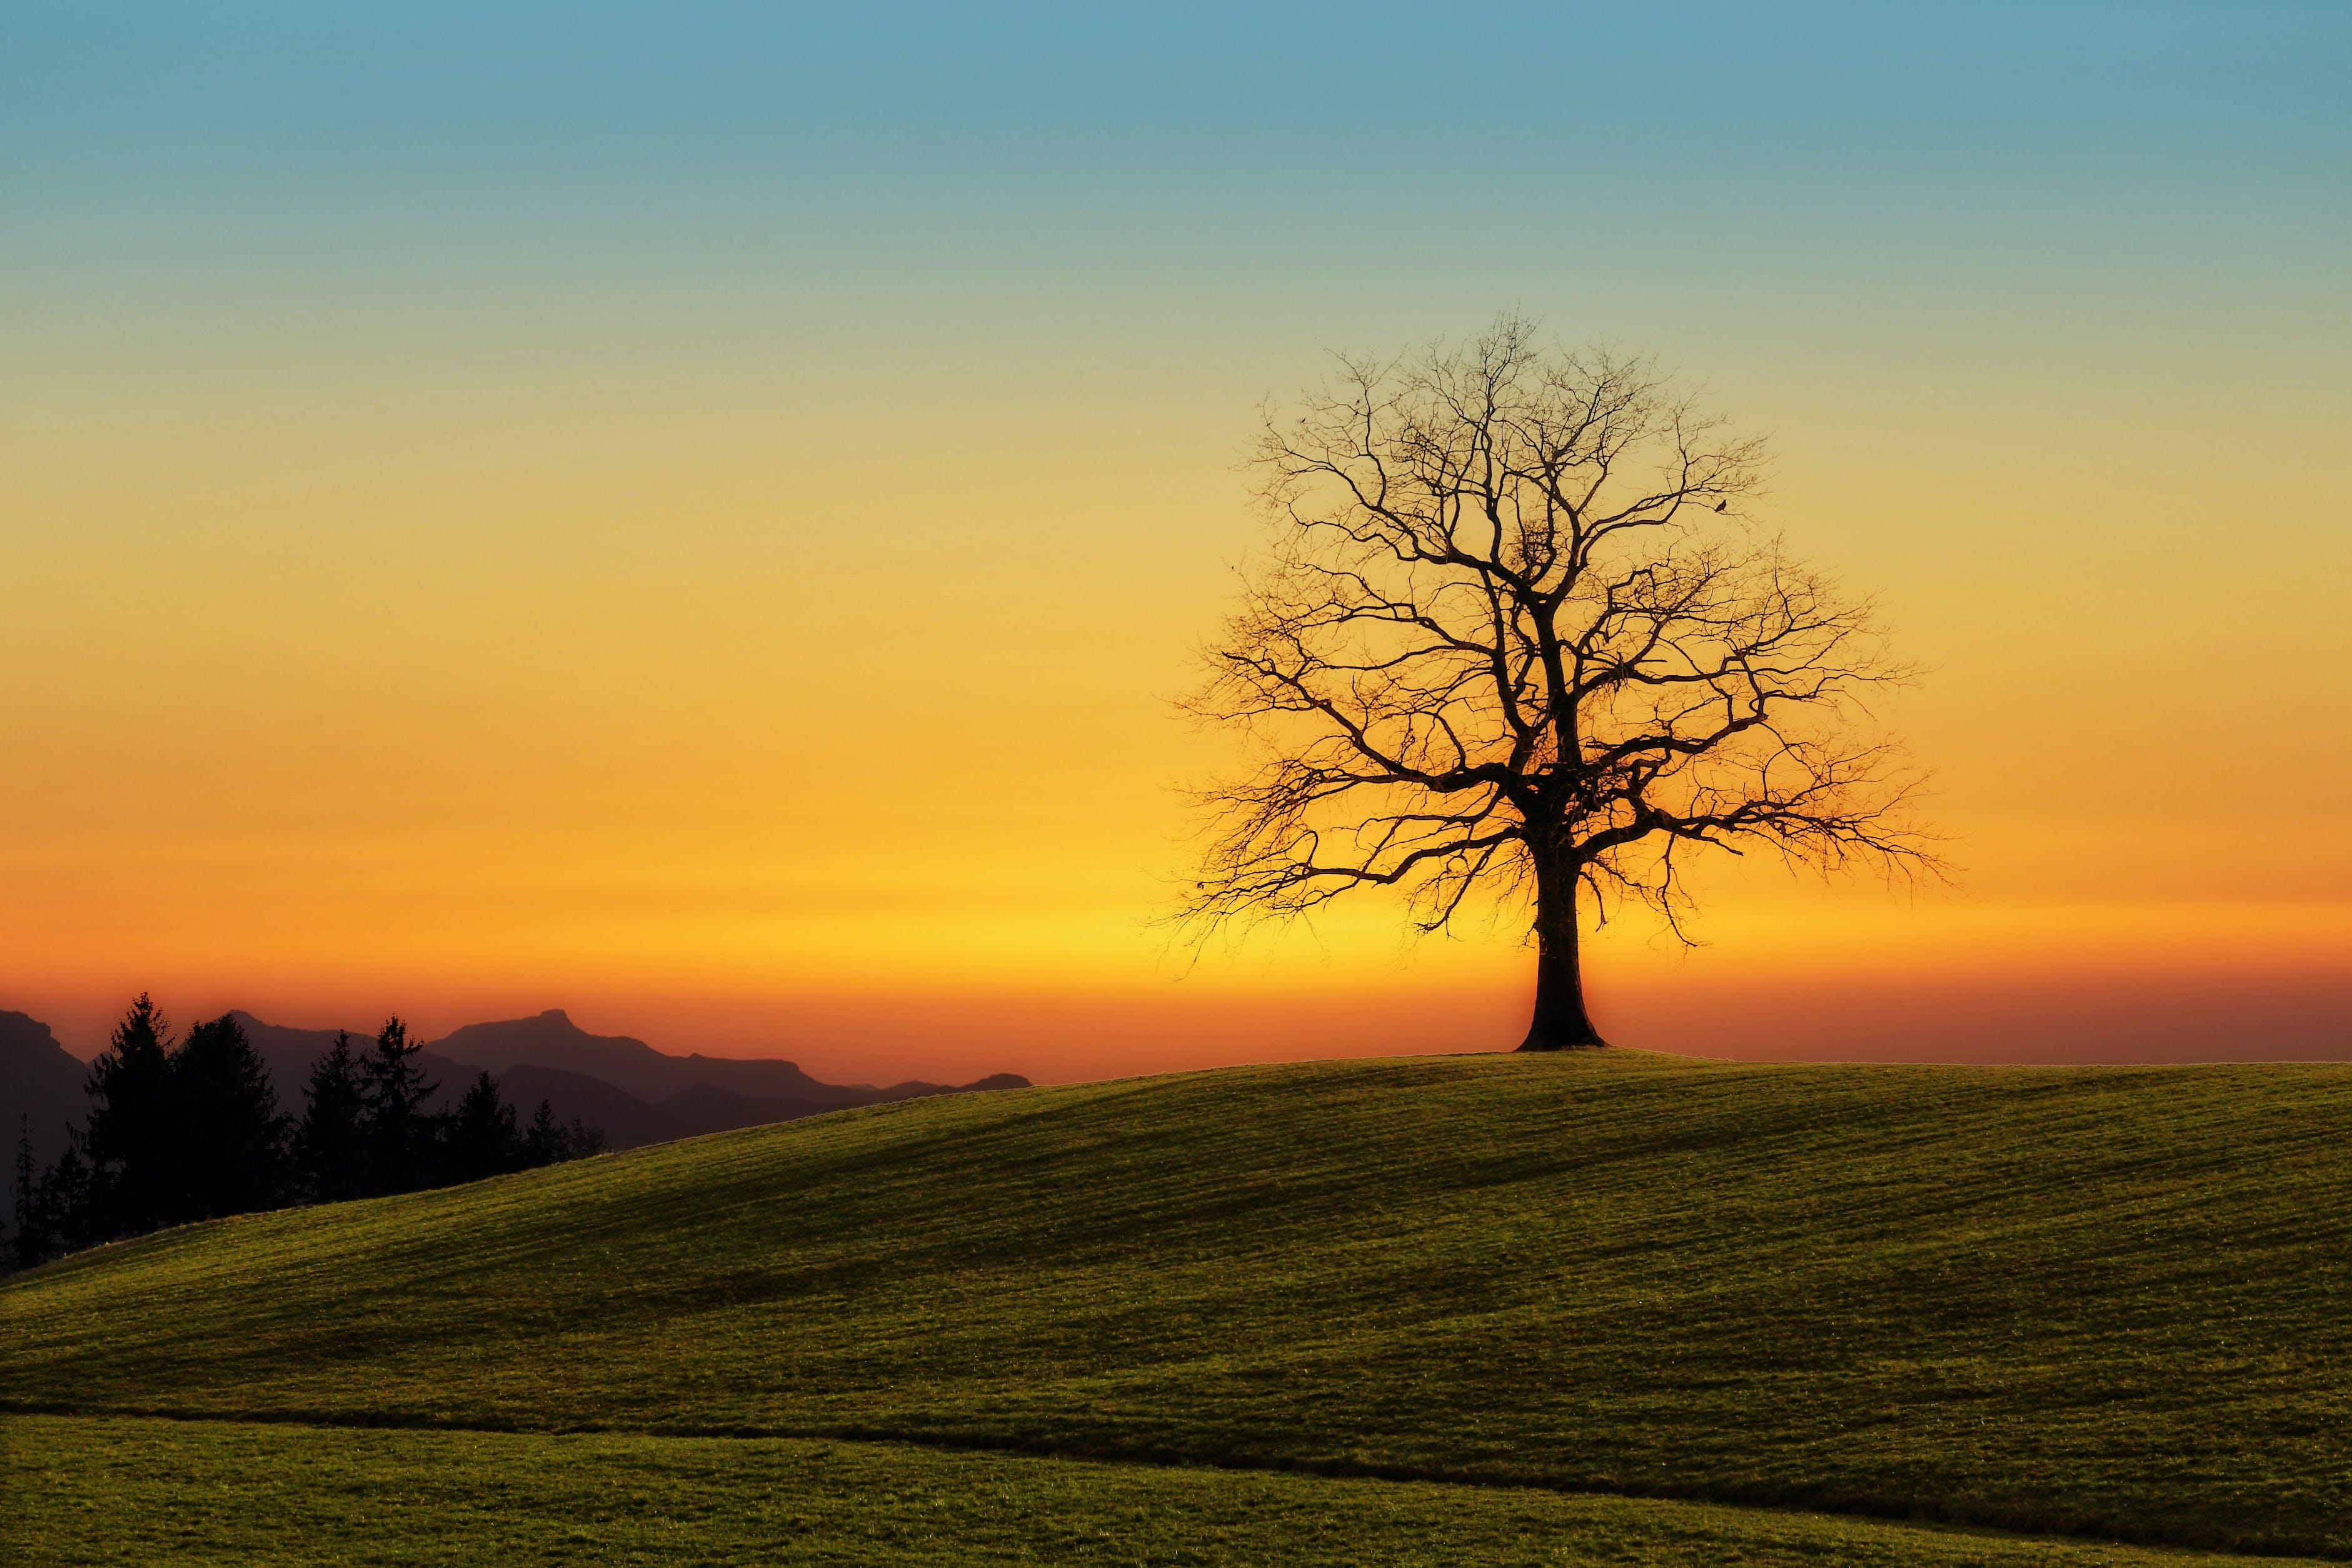 Leafless Tree On Grass Field